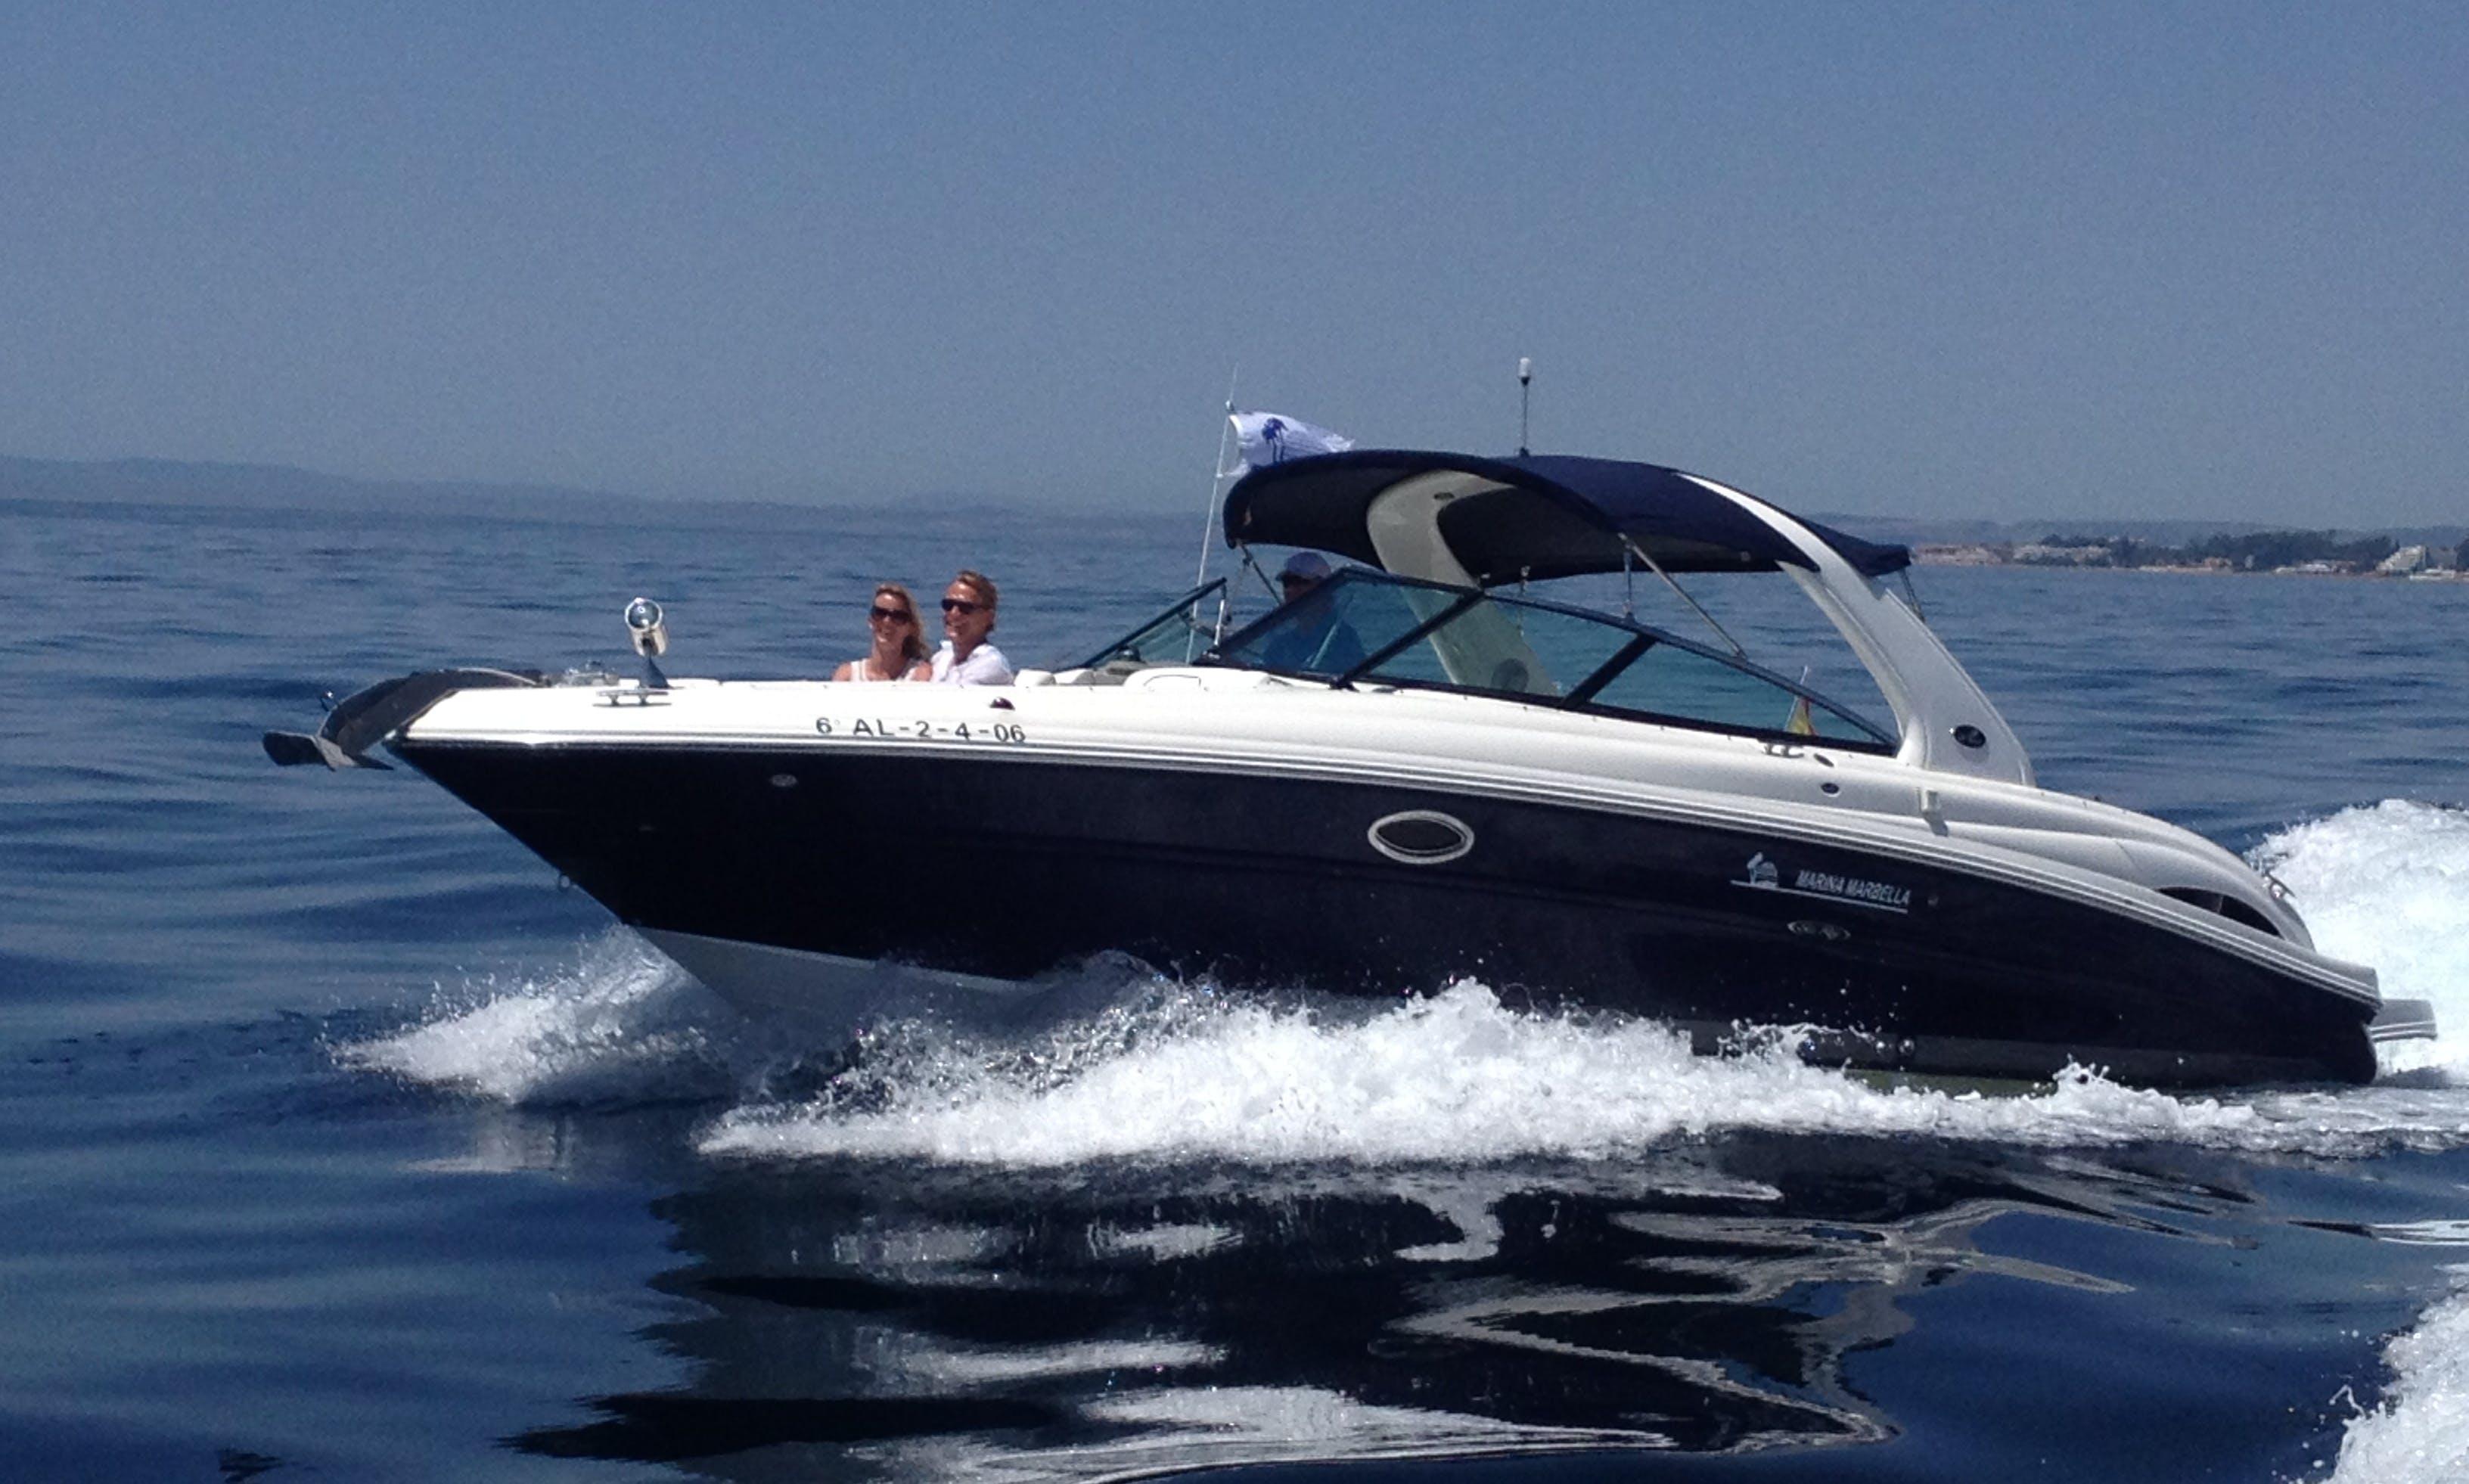 Sea Ray 295 SLX boat charter in marbella